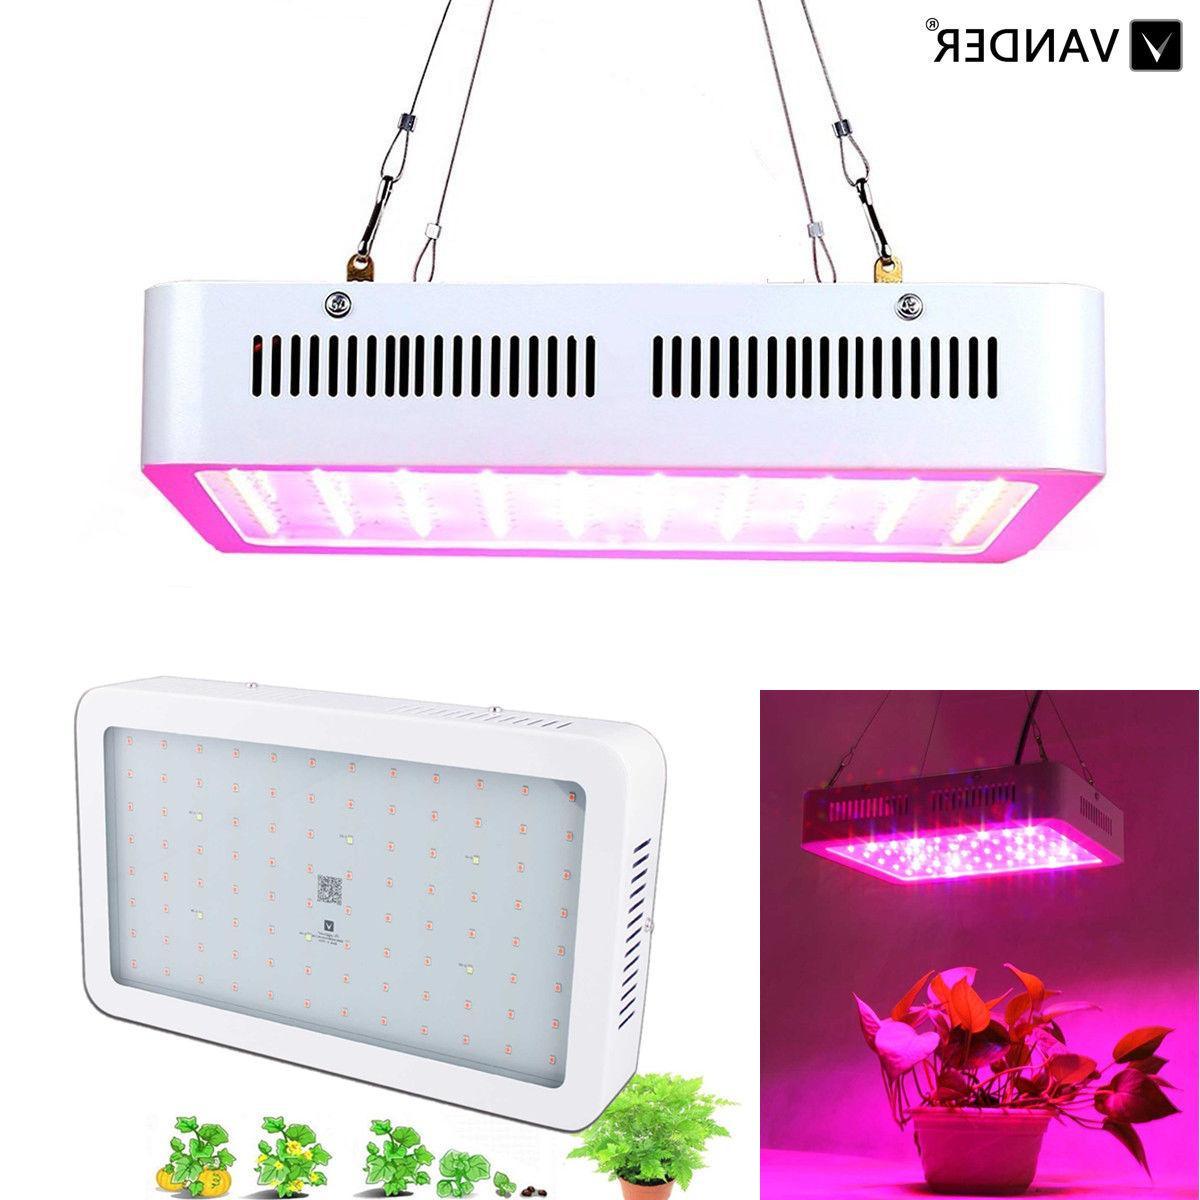 Hydro 2000W LED Grow Light Full Panel For Flower Medical